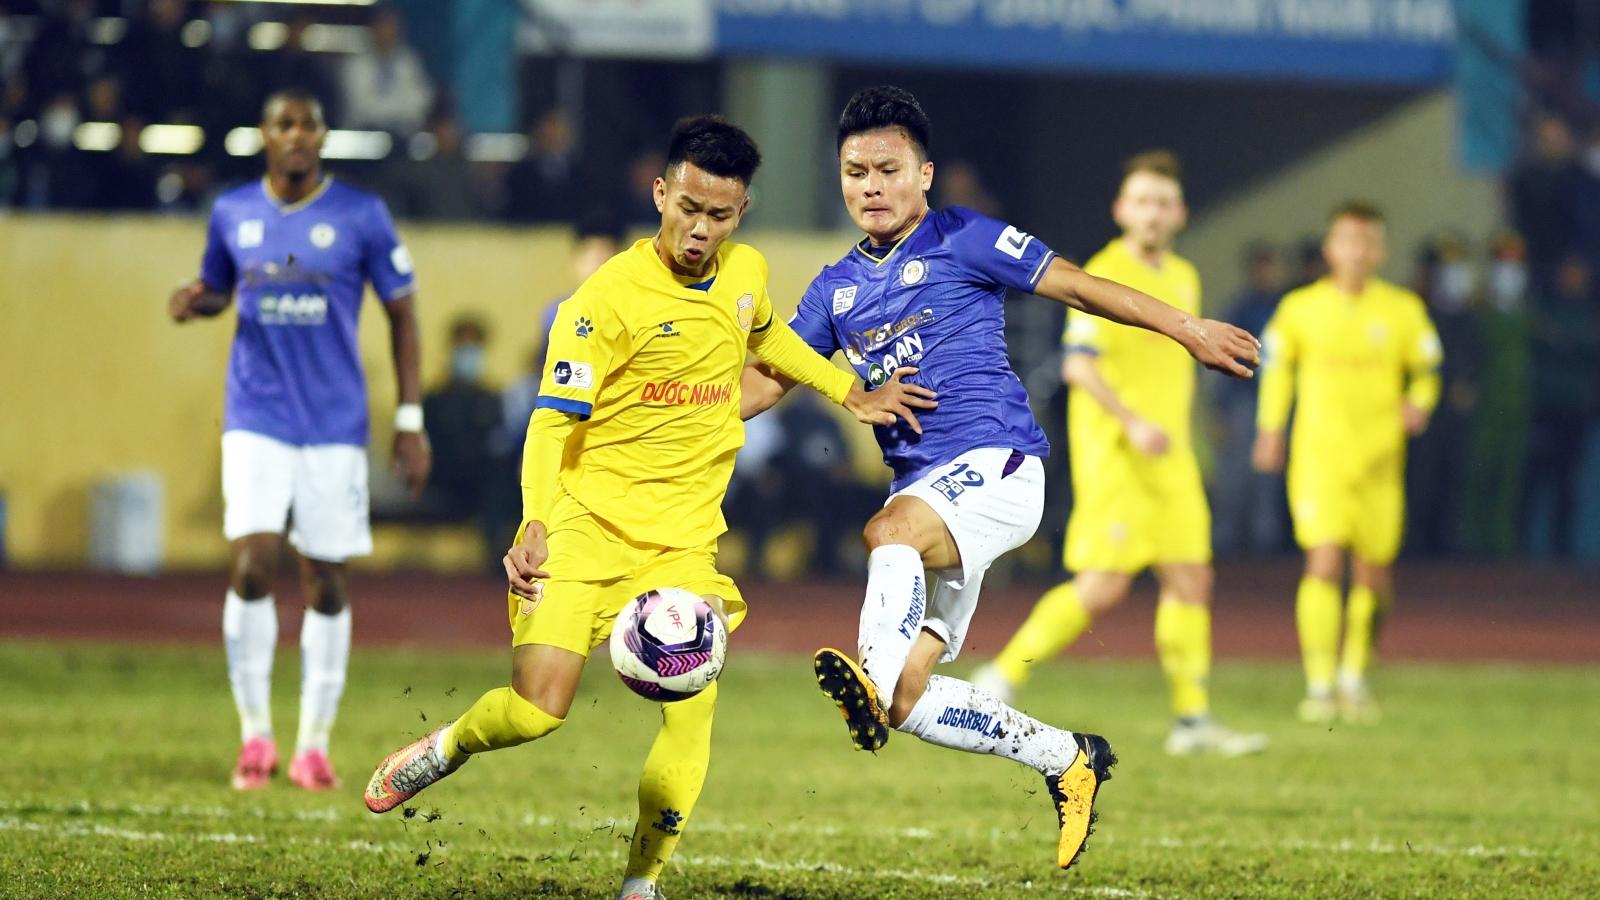 """Hà Nội FC giao lưu với """"đối mềm"""" làm nóng trước trận đấu với Hải Phòng"""